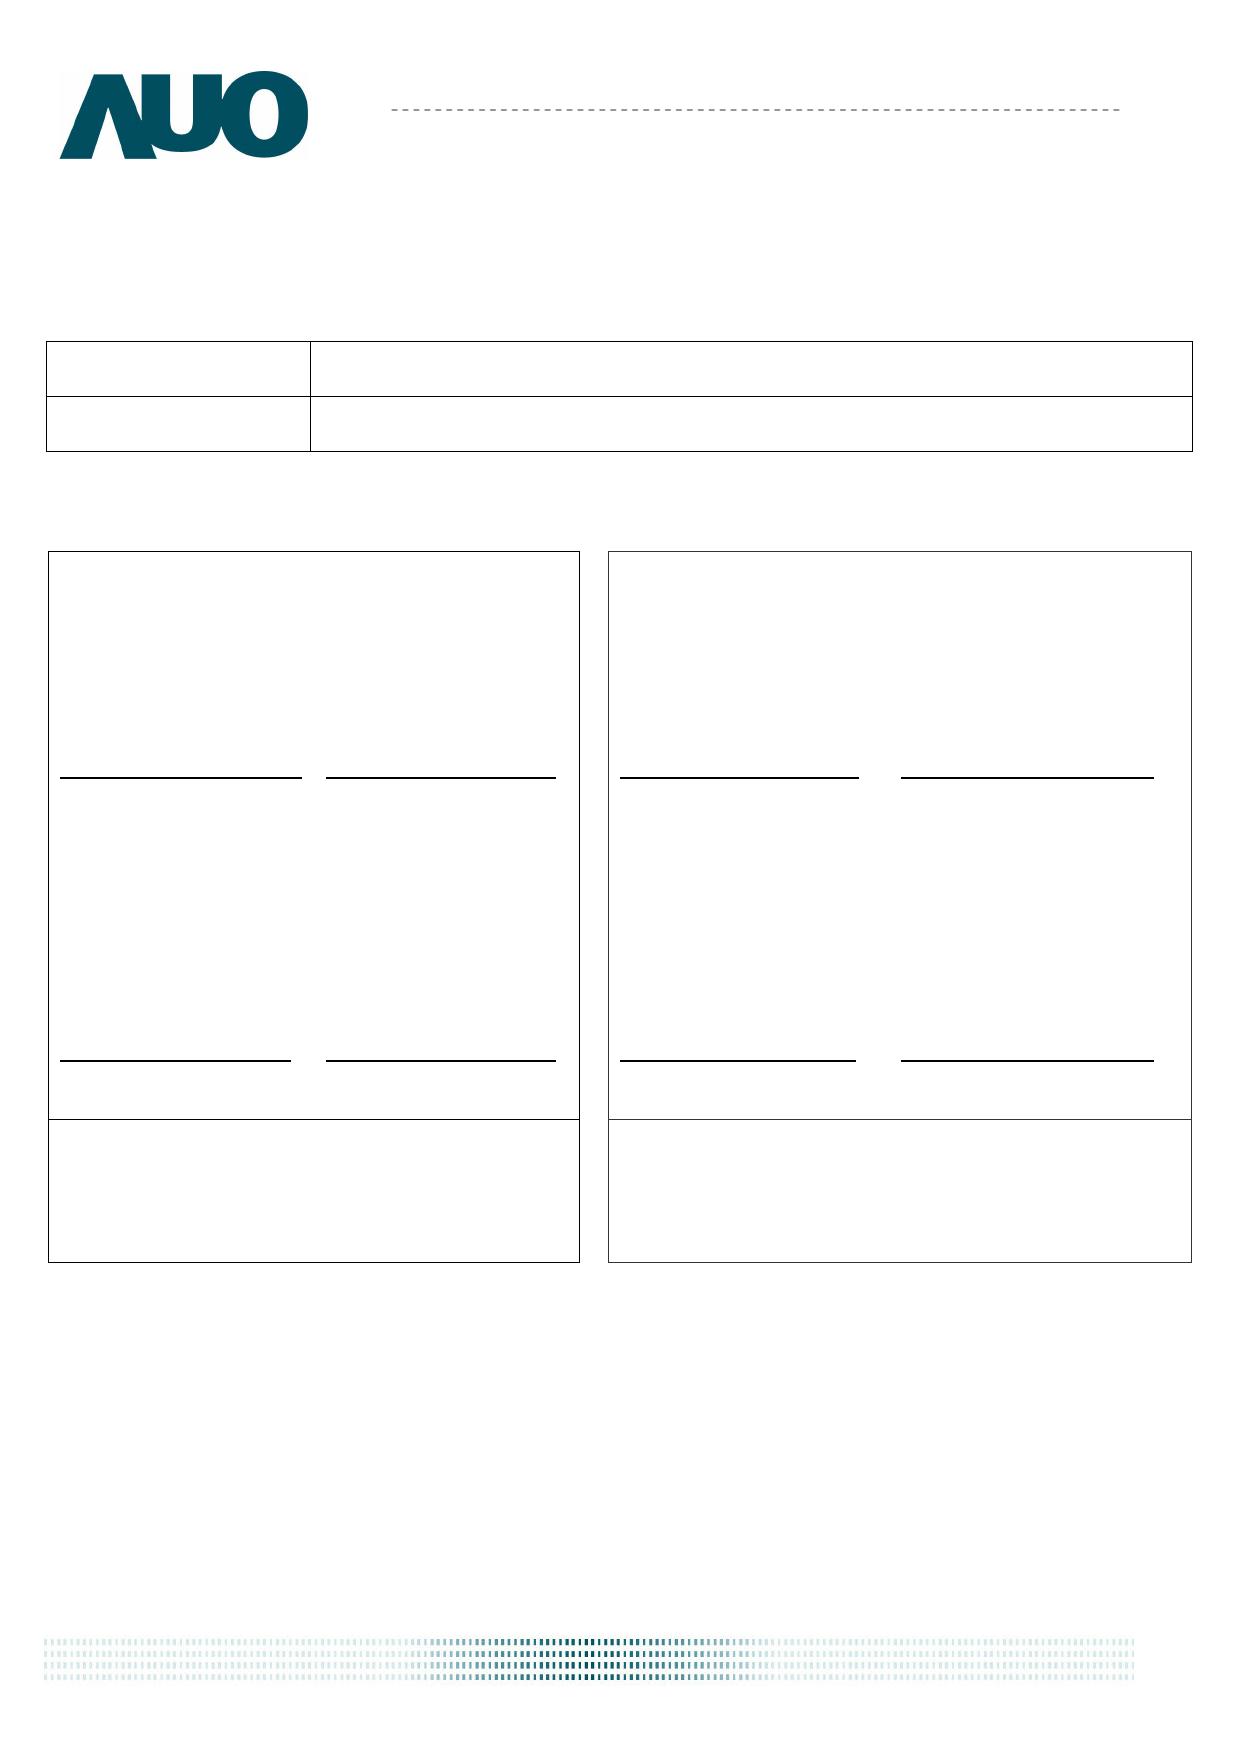 G057QN01-V1 даташит PDF